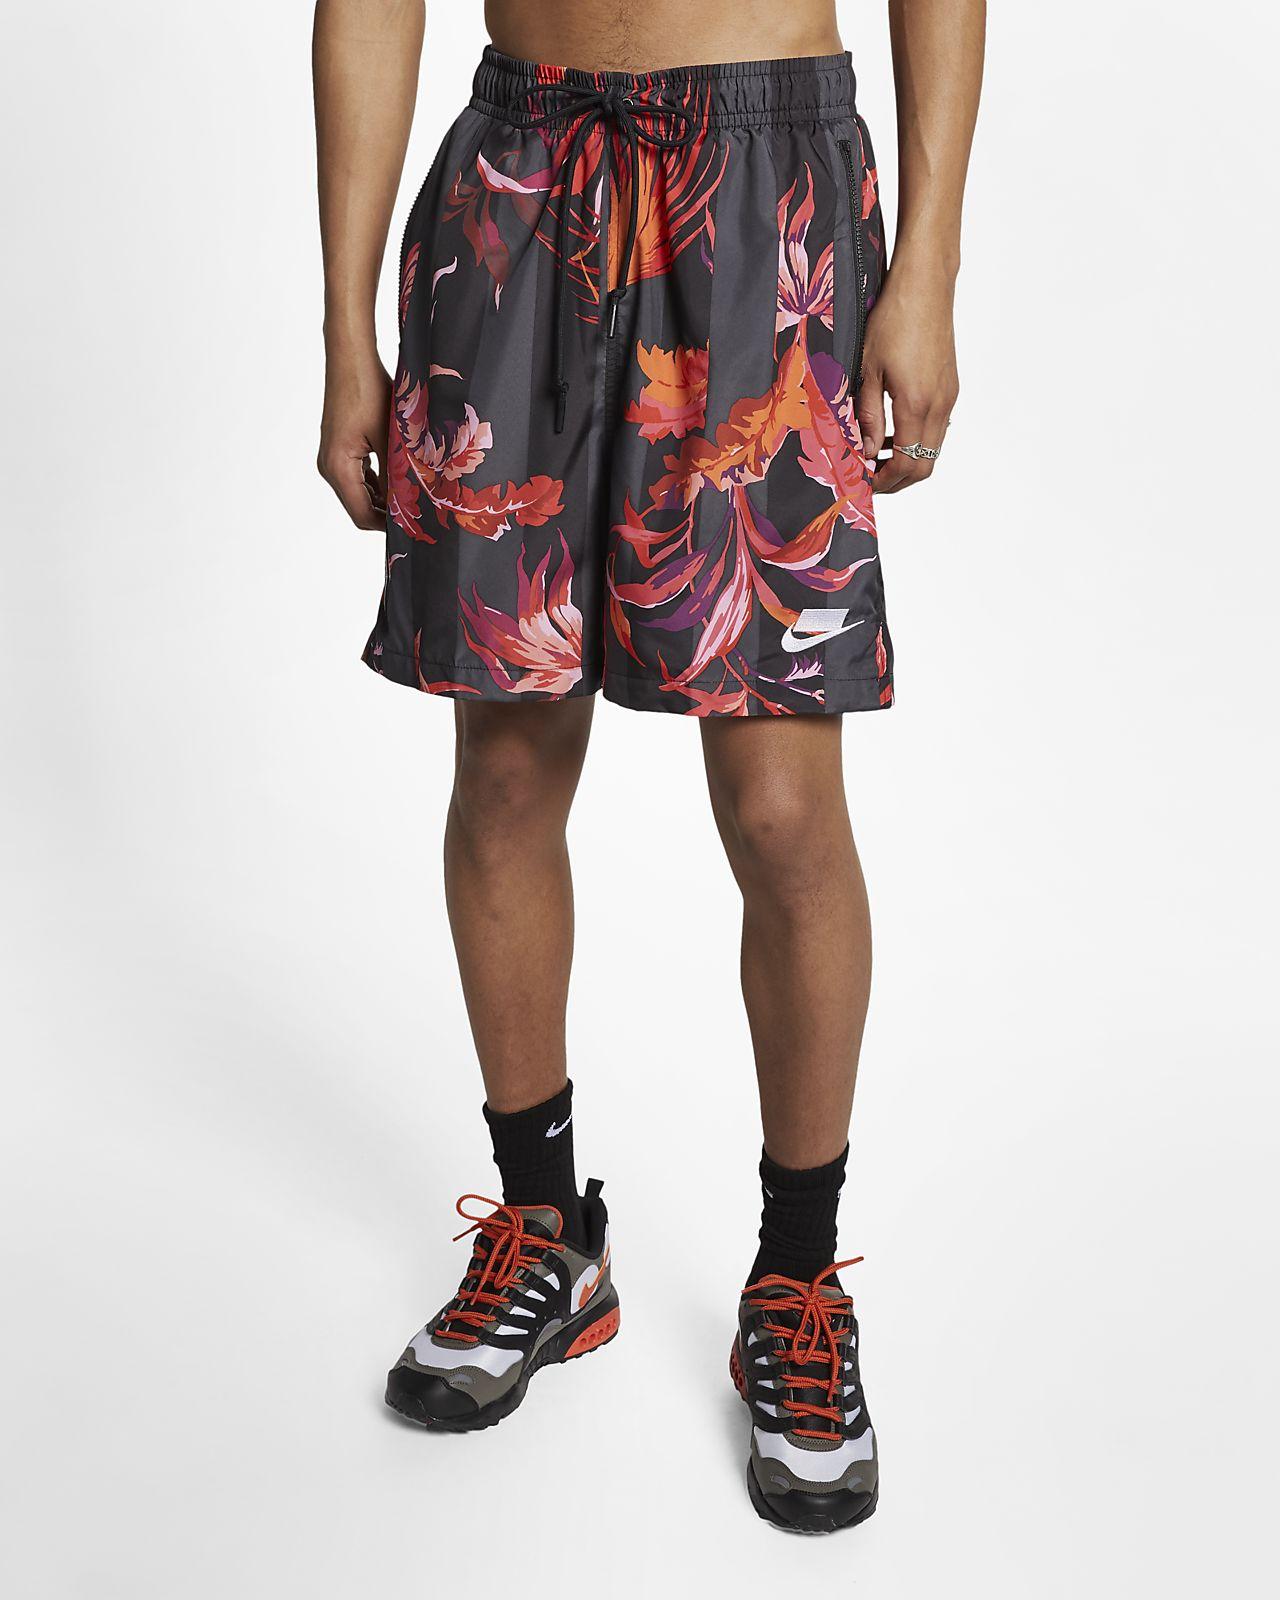 Nike Sportswear NSW Men's Striped Shorts